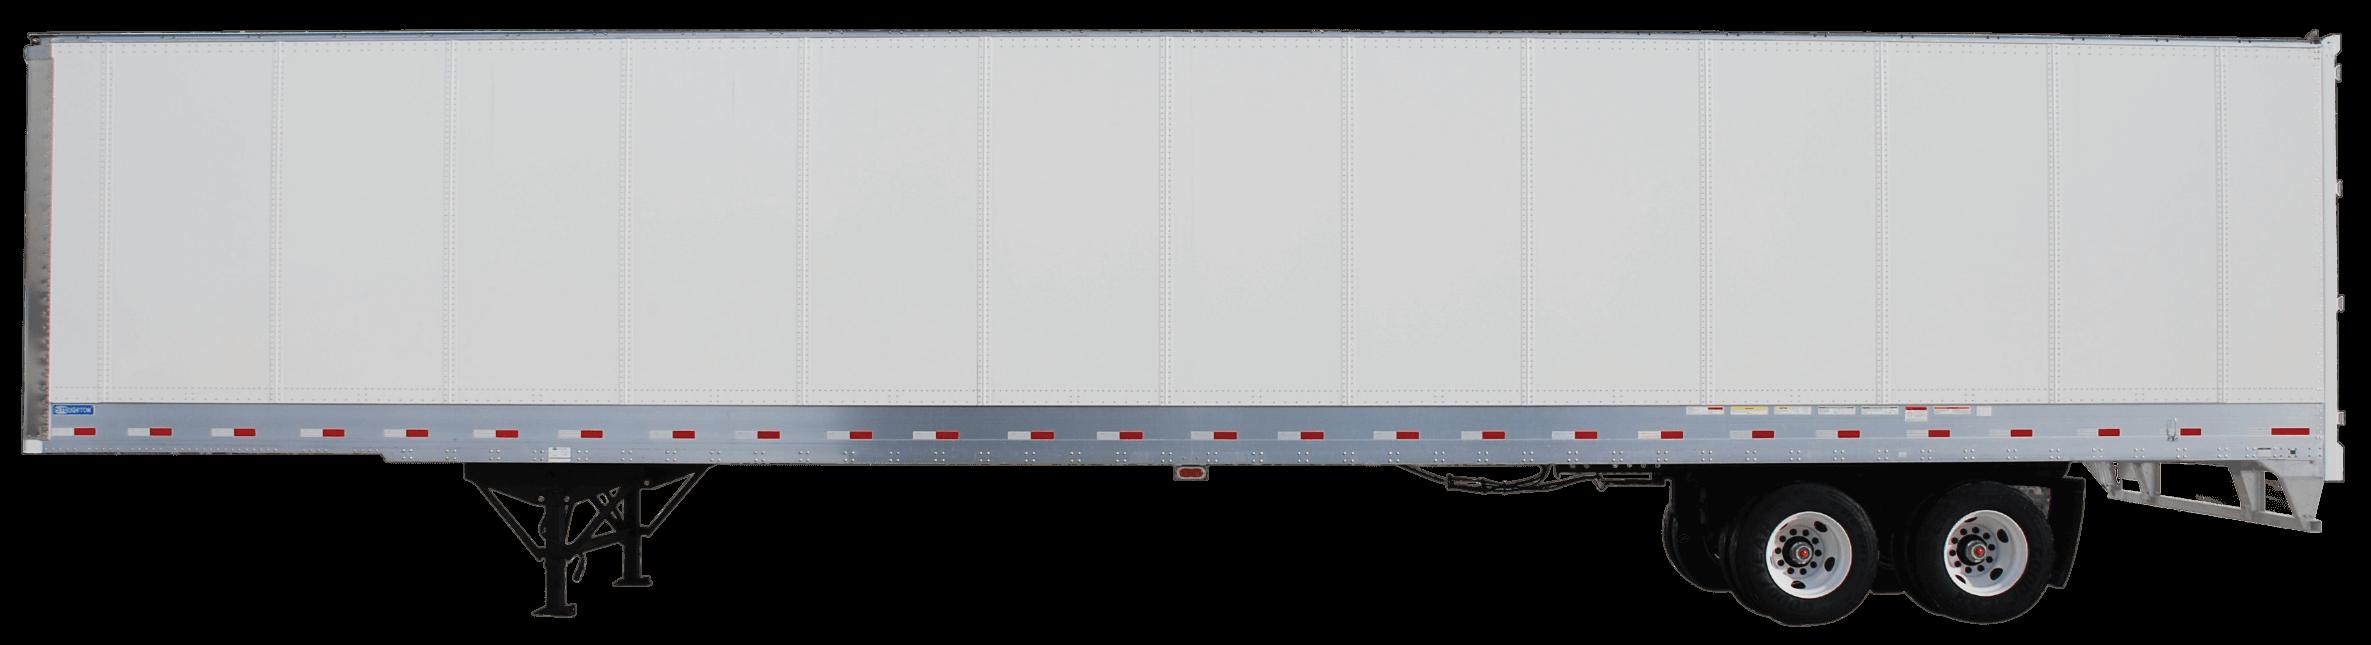 Tough Plate Composite Van